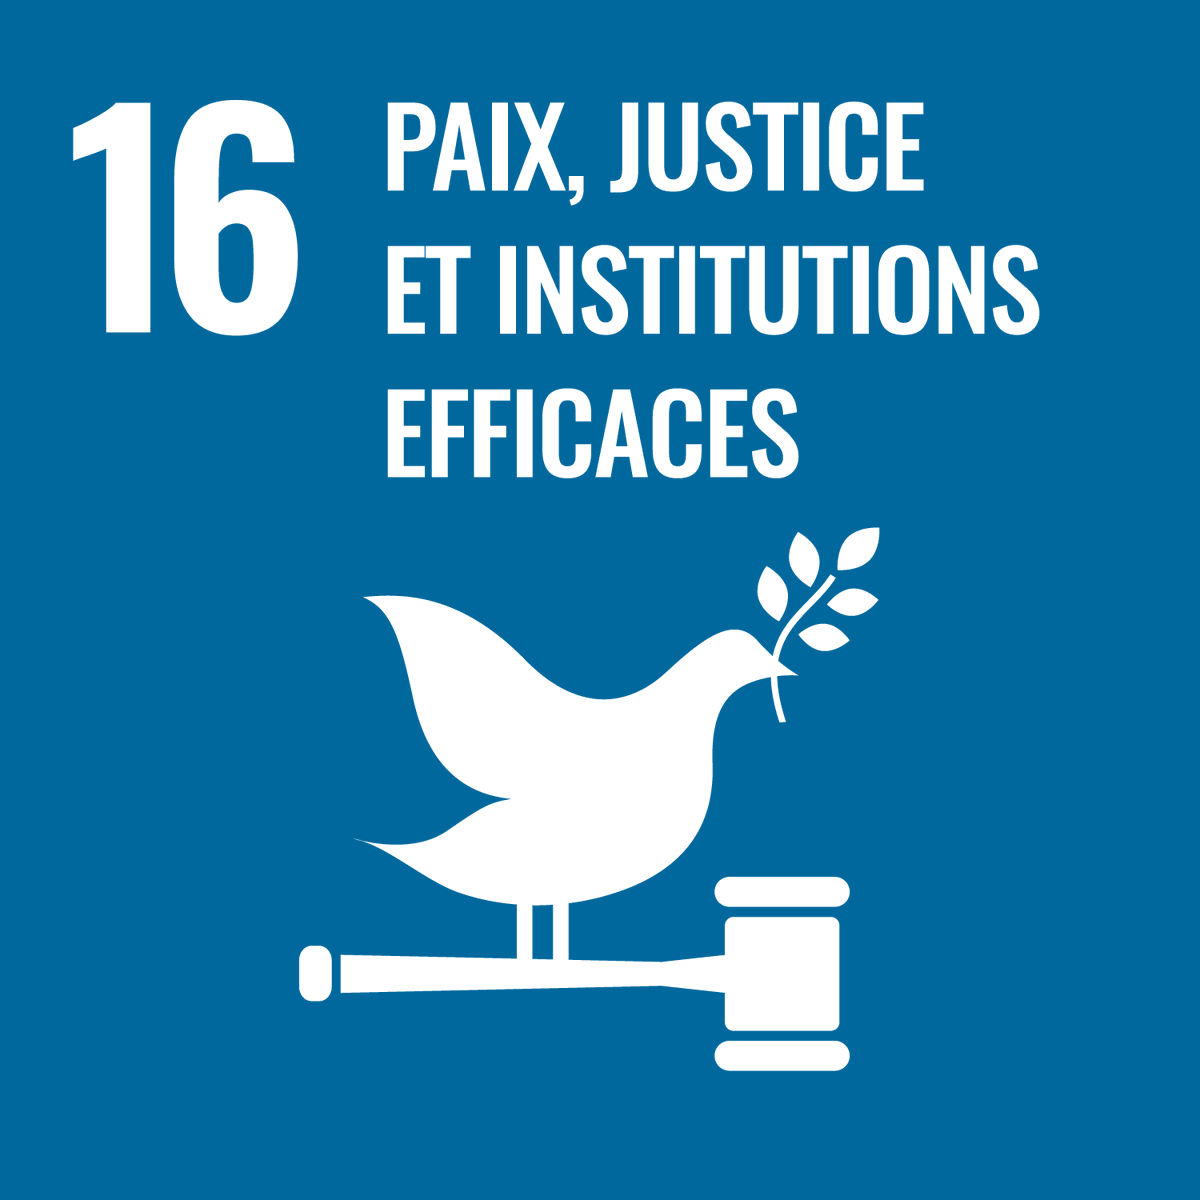 En tant que coprésidents du @IntDialogue, 🇨🇦 & 🇸🇱 rassemblent les pays pour discuter de la réponse à la #COVID19 et promouvoir la consolidation de la paix, et collaborent pour faire progresser les objectifs communs, dont l'égalité des genres et la prévention des conflits. #ODD16 https://t.co/MDPyoTShDk